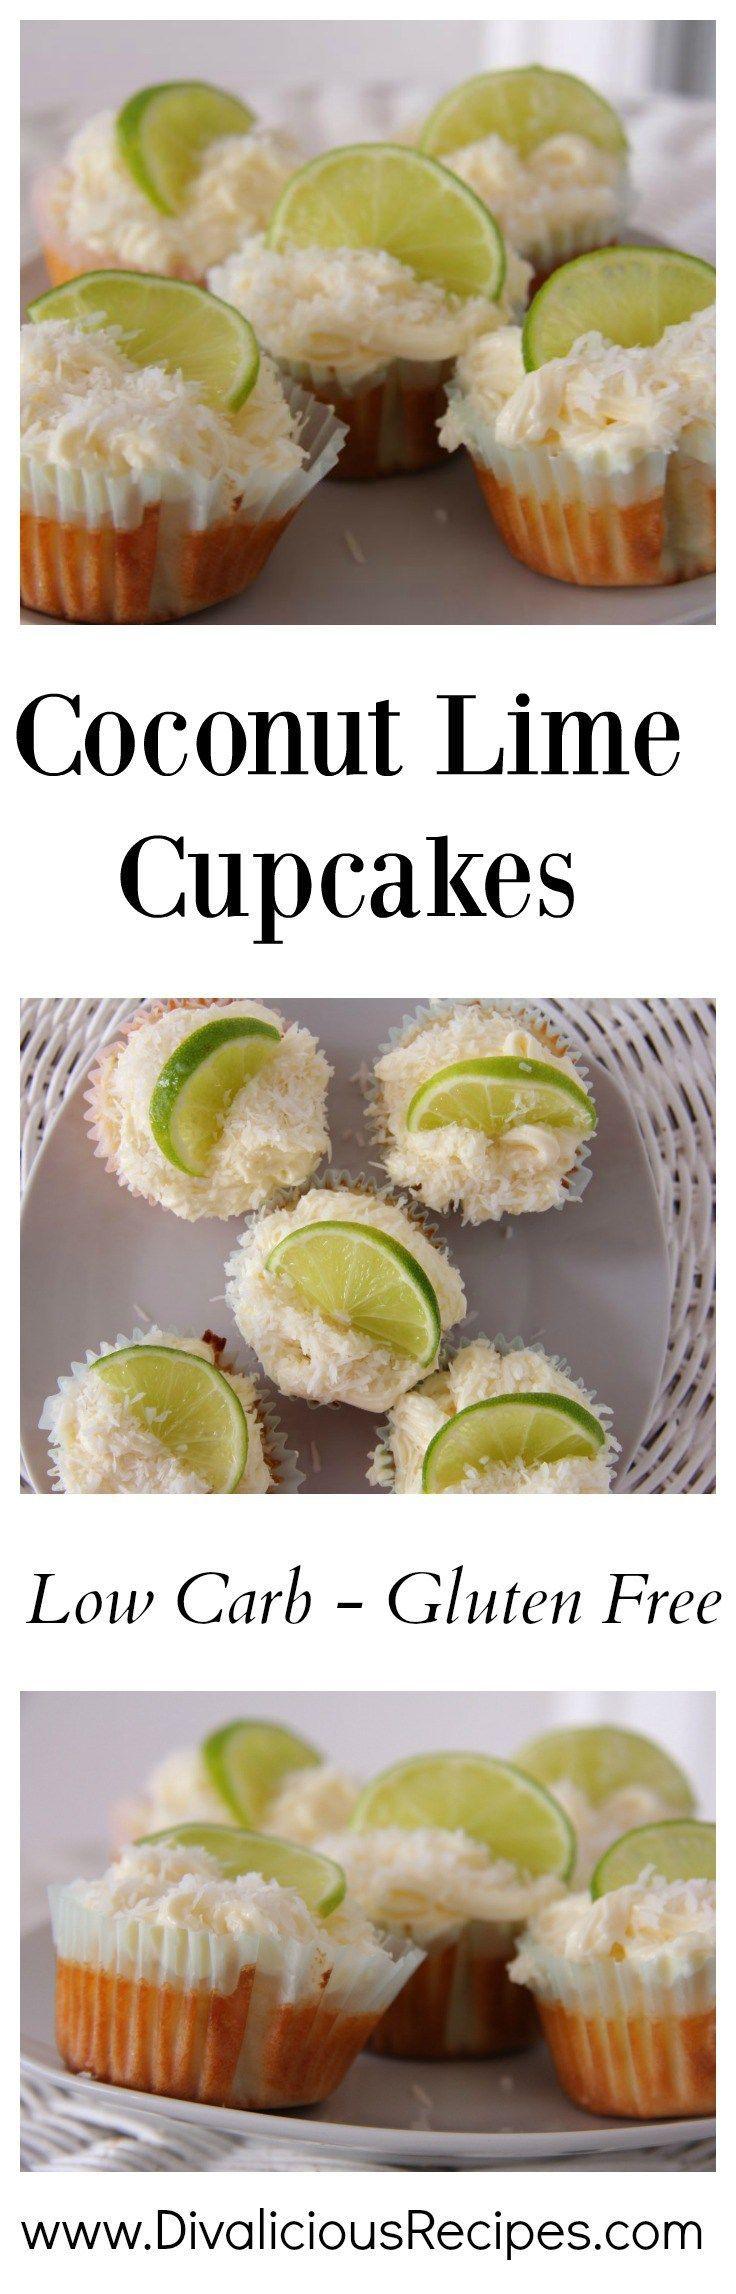 coconut lime cupcakes made with coconut flour.  Recipe - http://divaliciousrecipes.com/2014/11/14/coconut-lime-cupcakes-coconut-flour/